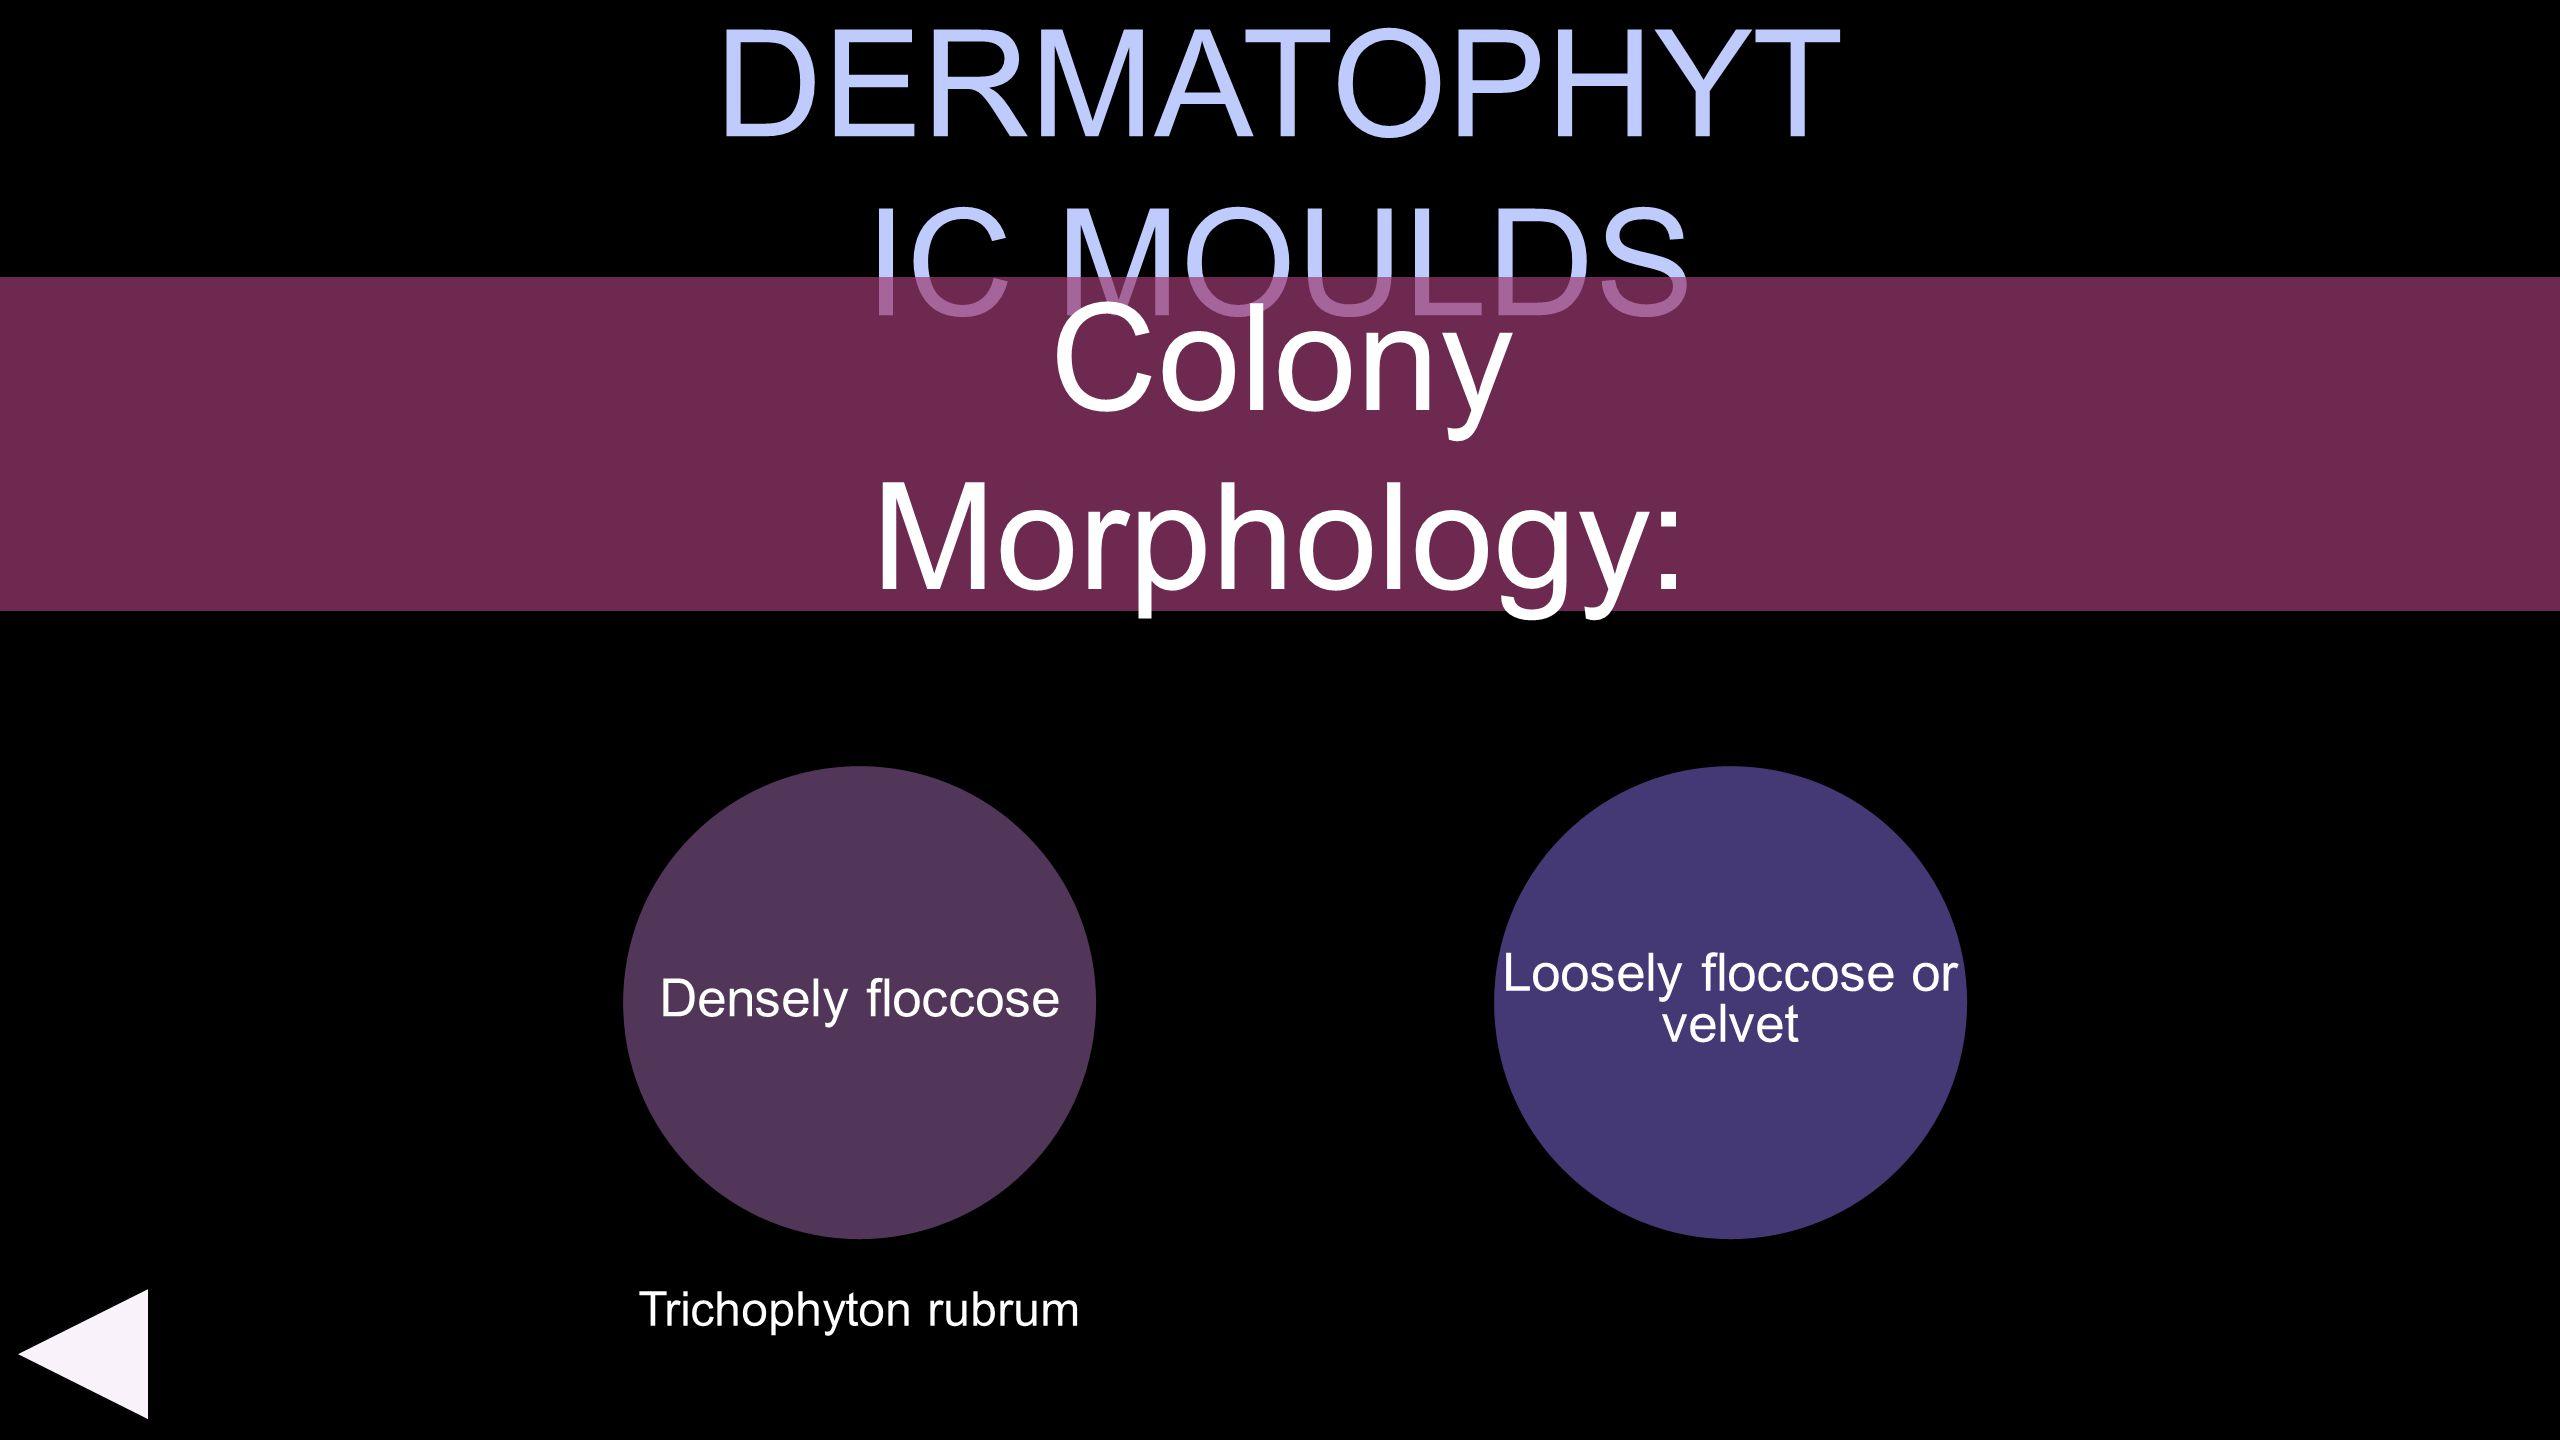 DERMATOPHYT IC MOULDS Densely floccose Colony Morphology: Loosely floccose or velvet Trichophyton rubrum